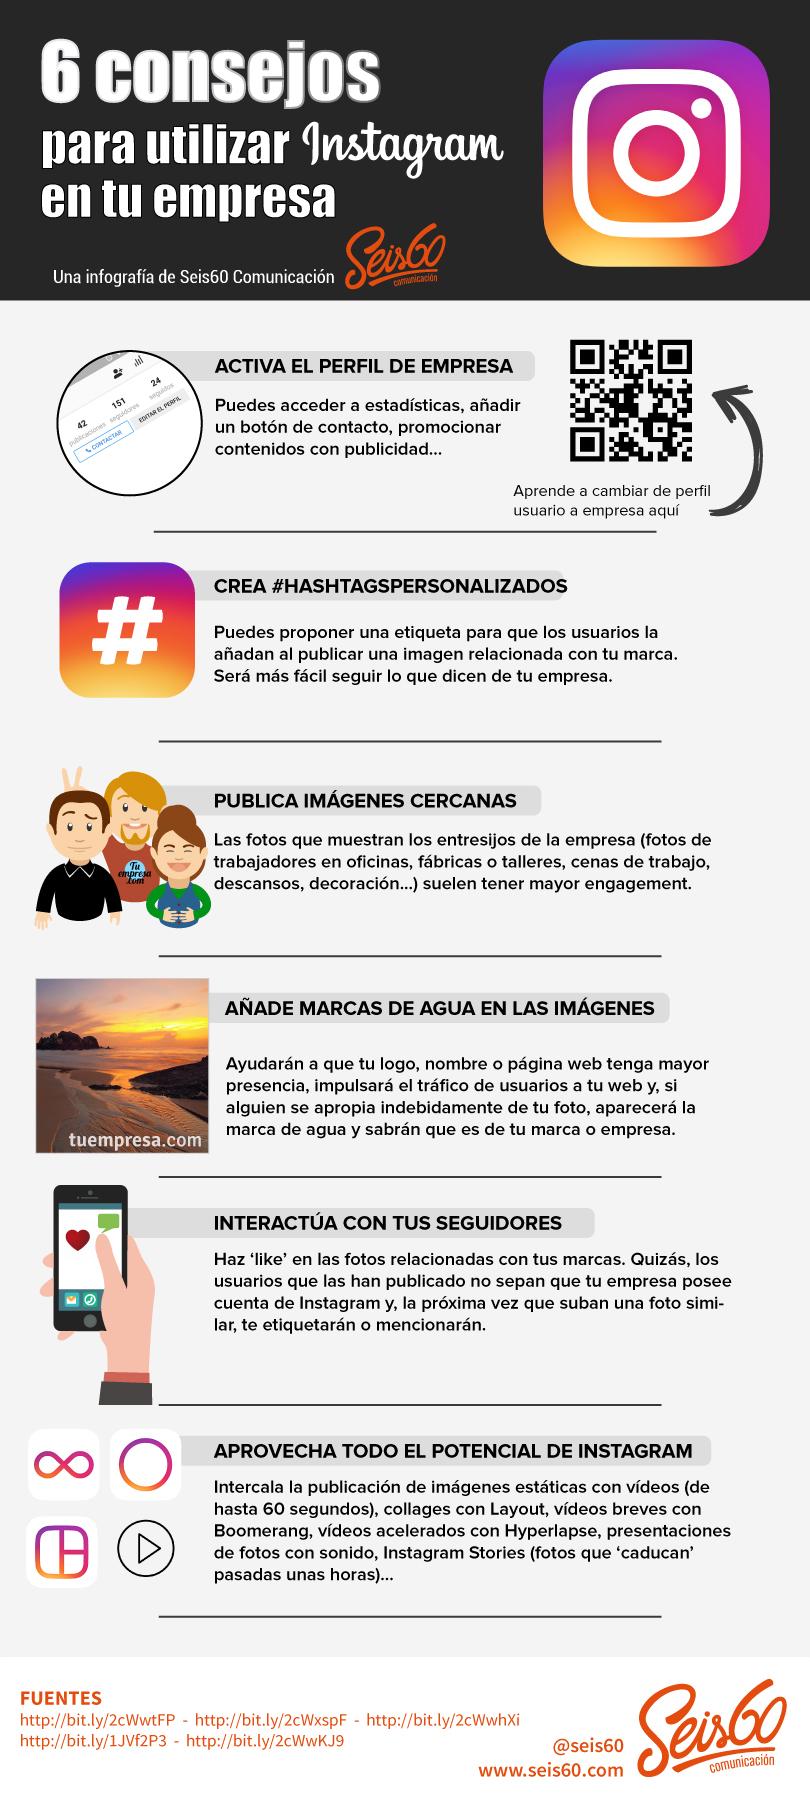 6 consejos para utilizar Instagram en tu empresa